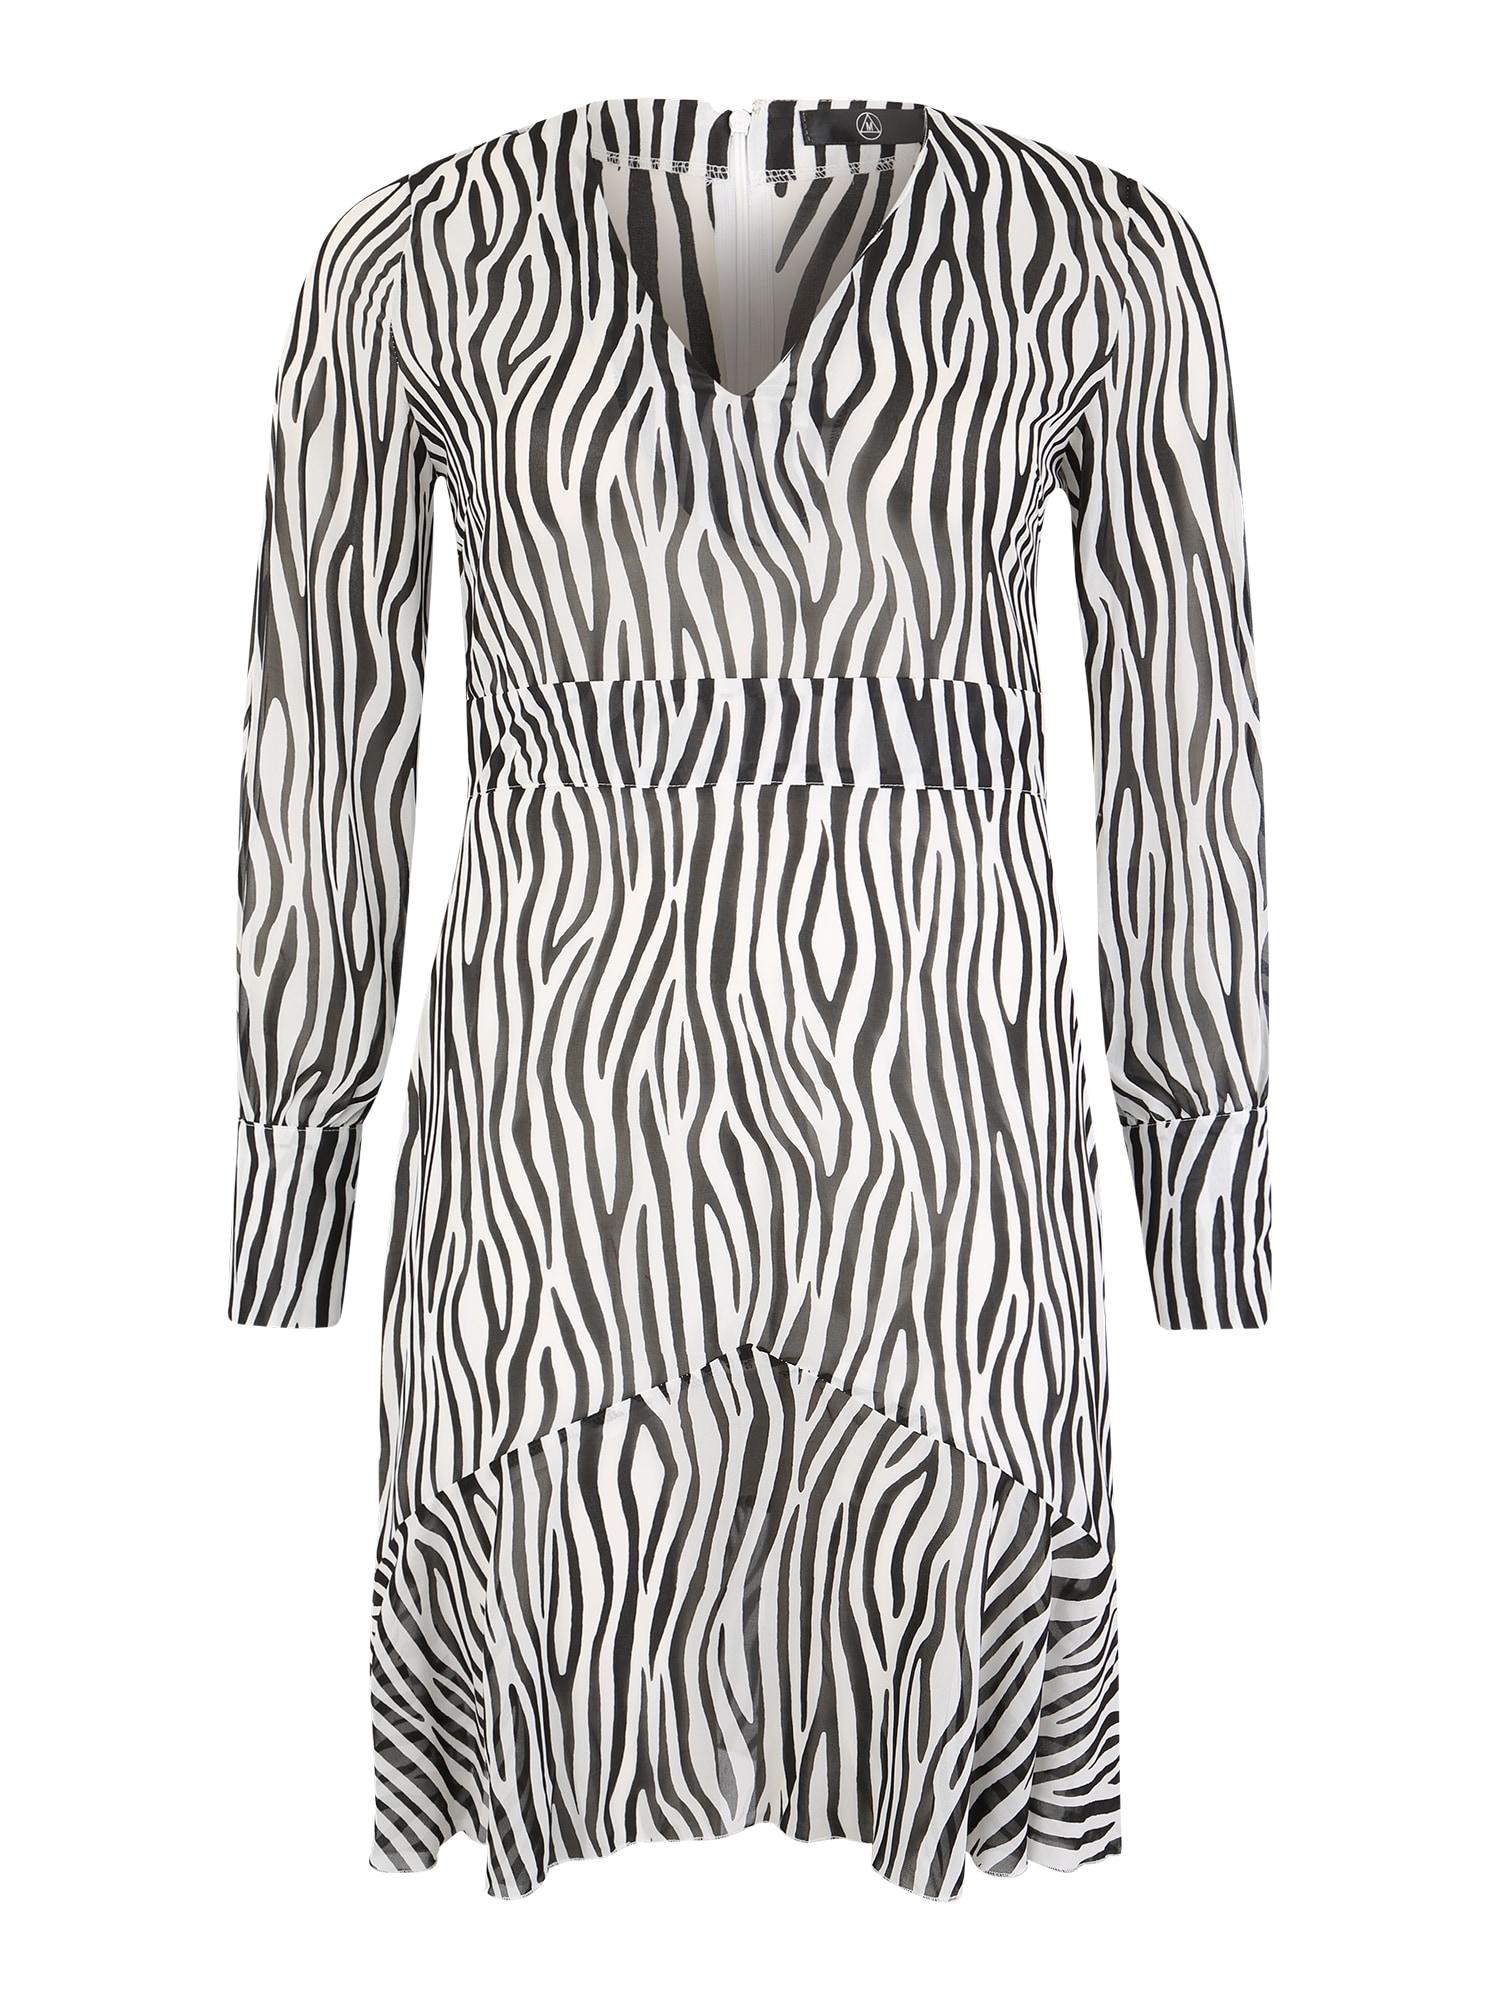 Šaty Curve Lace Up Midi Dress černá Missguided Plus